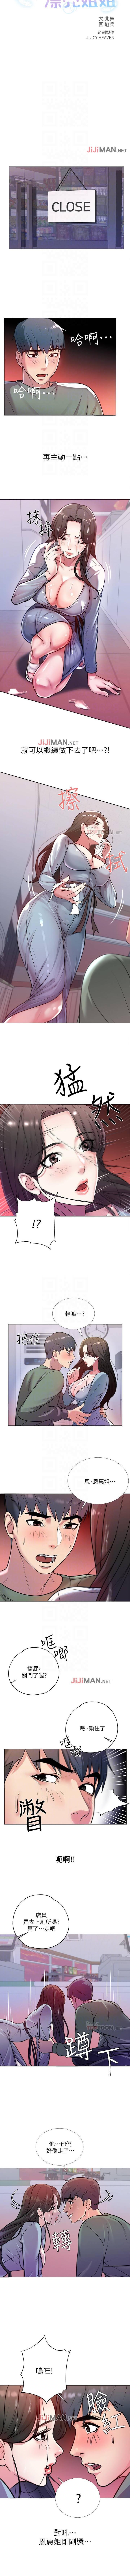 【周三连载】超市的漂亮姐姐(作者:北鼻&逃兵) 第1~40话 48